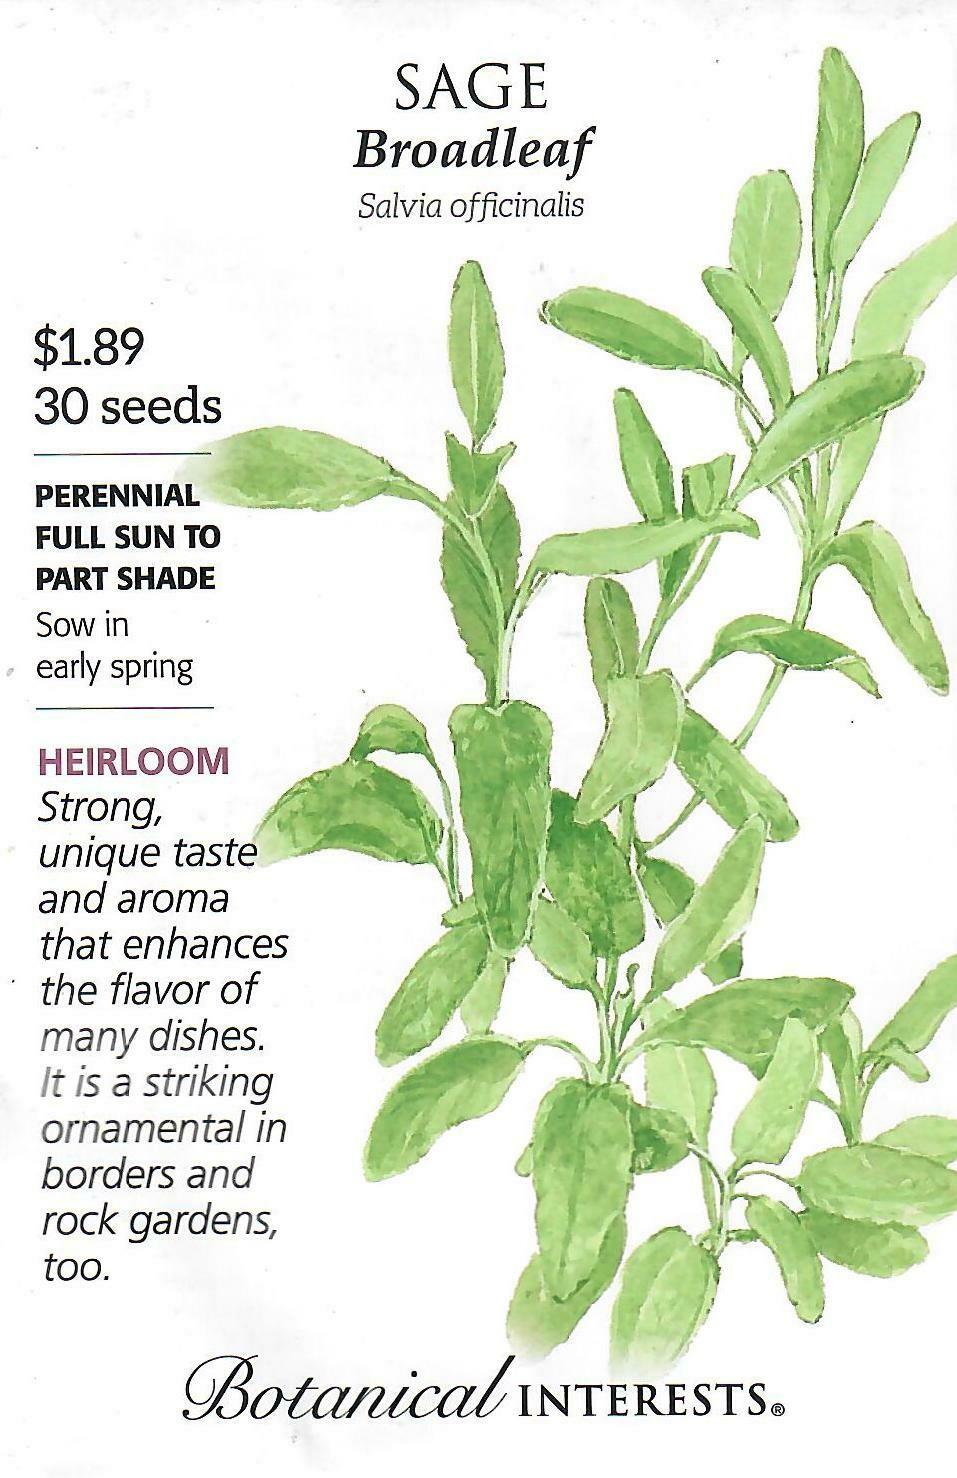 Sage Broadleaf Org Botanical Interests